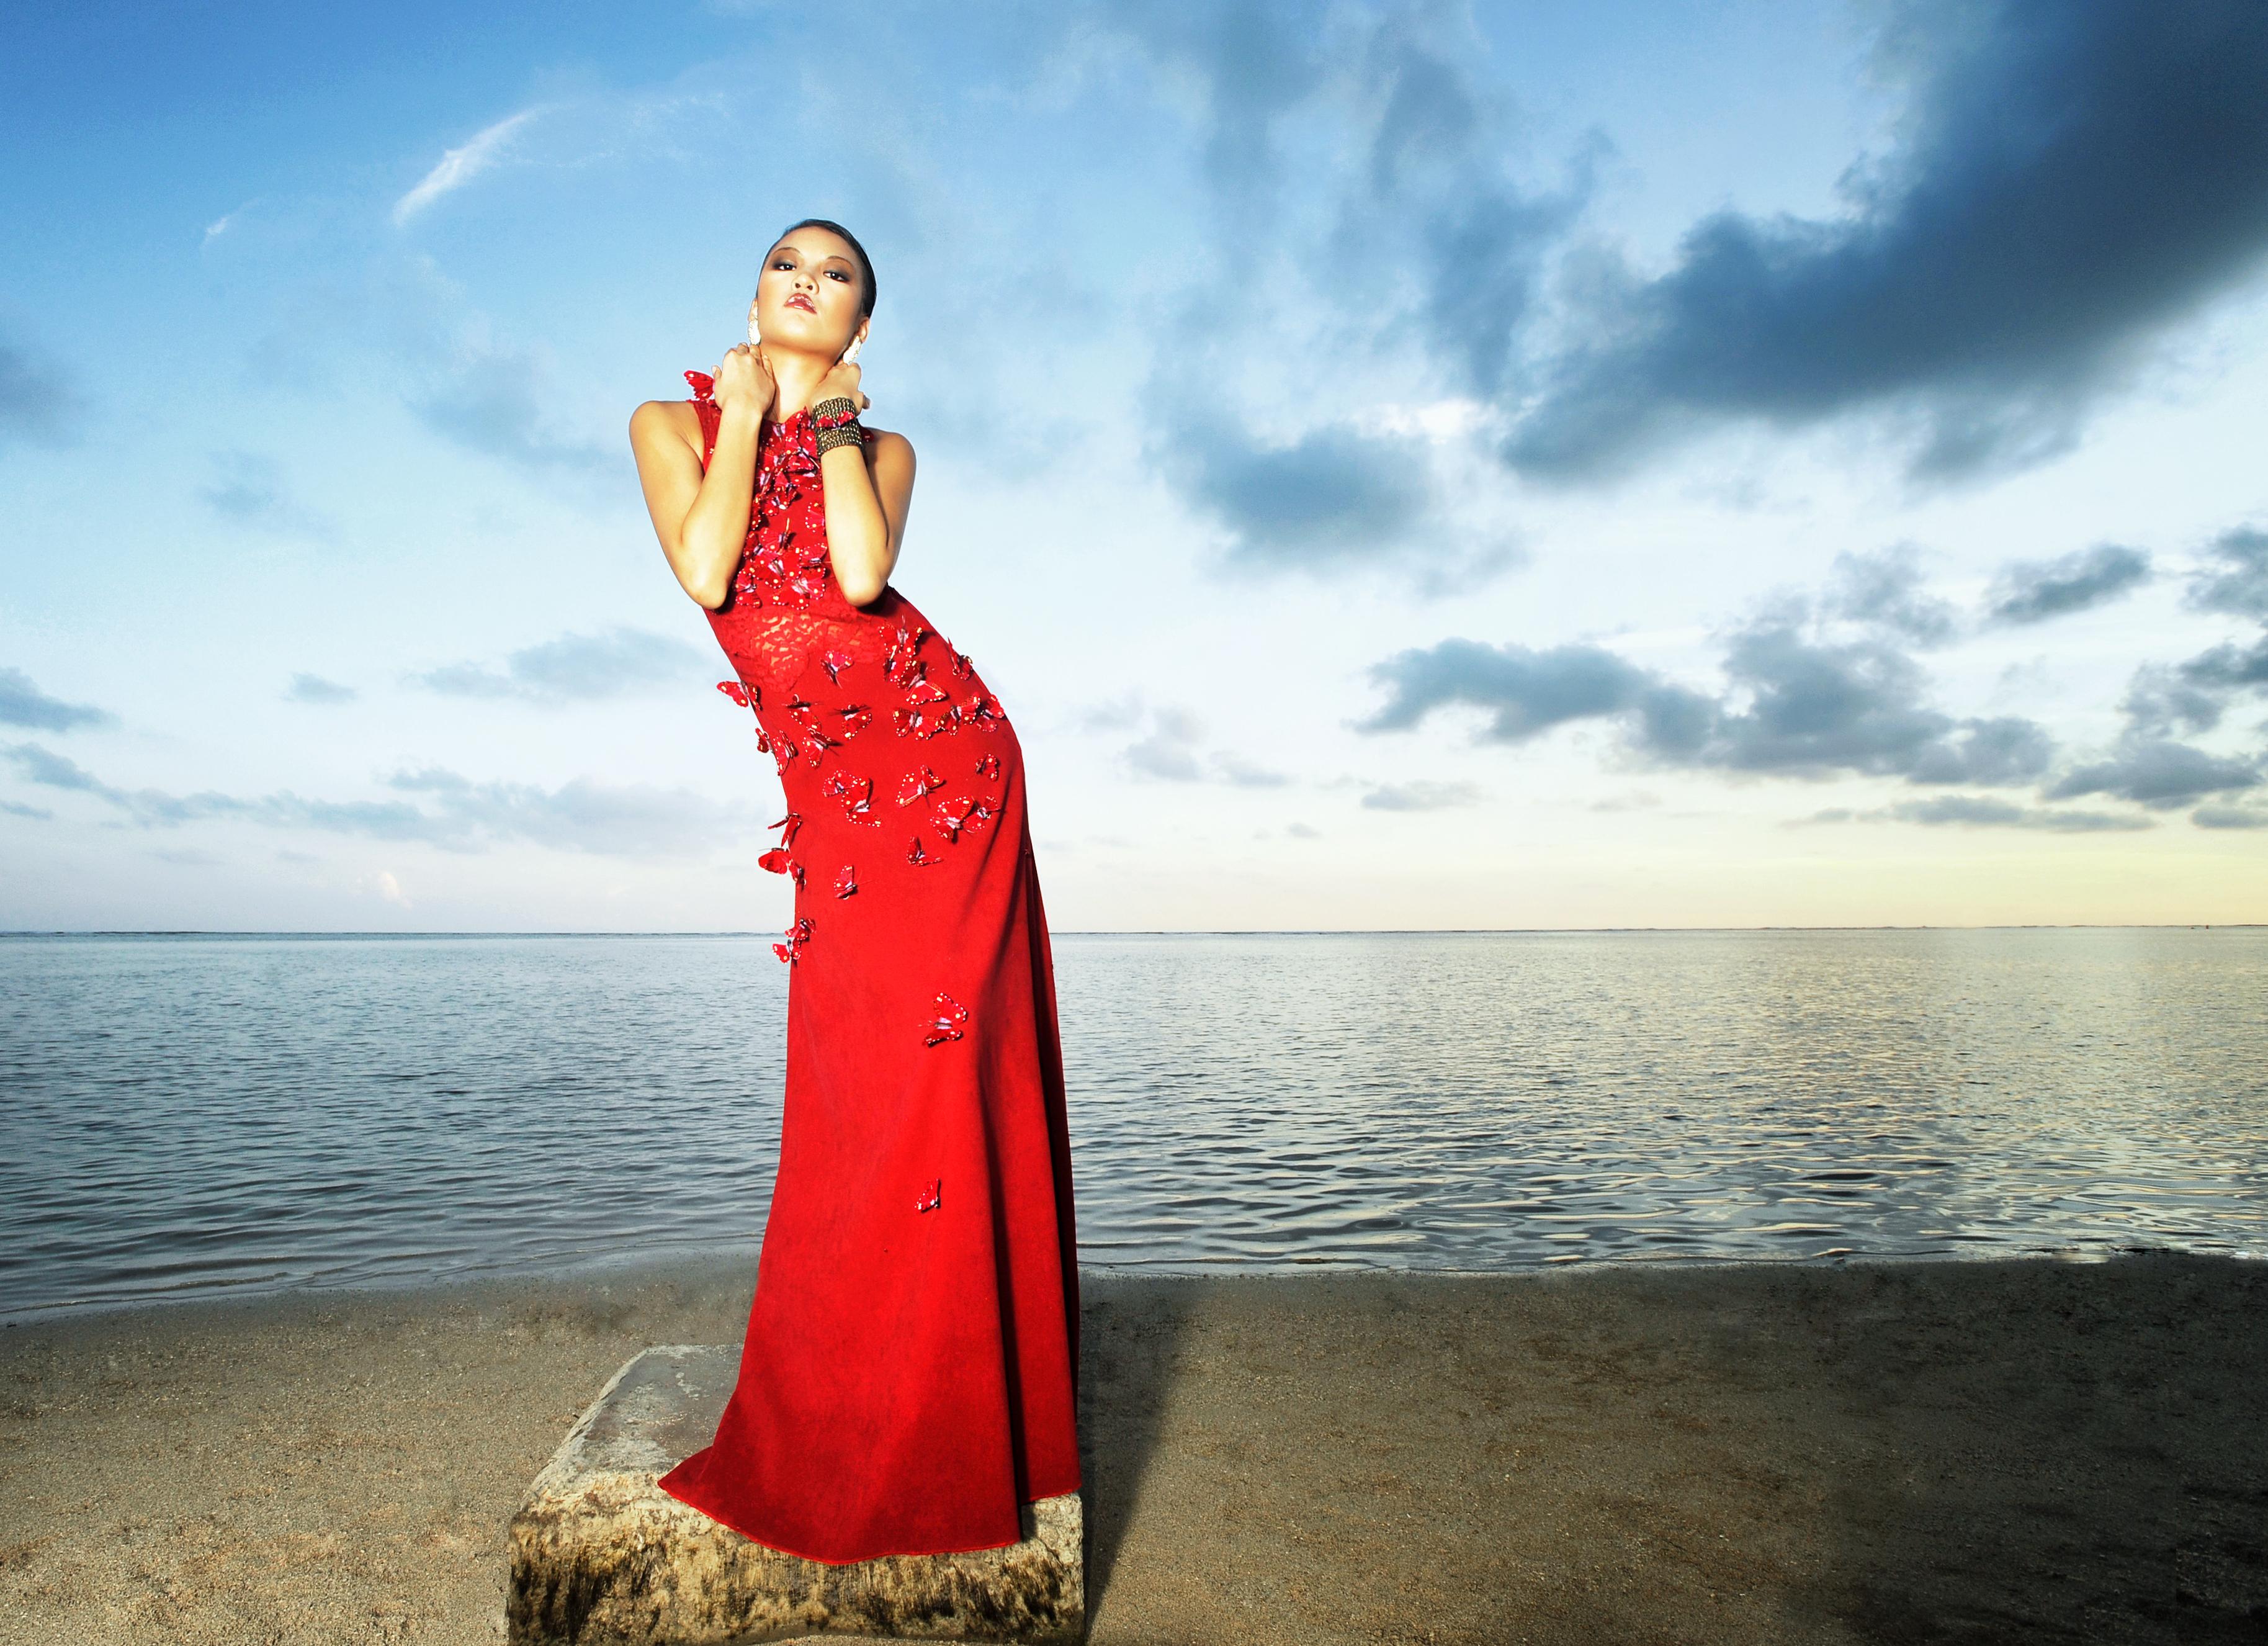 HFM_Slide Show Image_Red Dress_FINAL 3